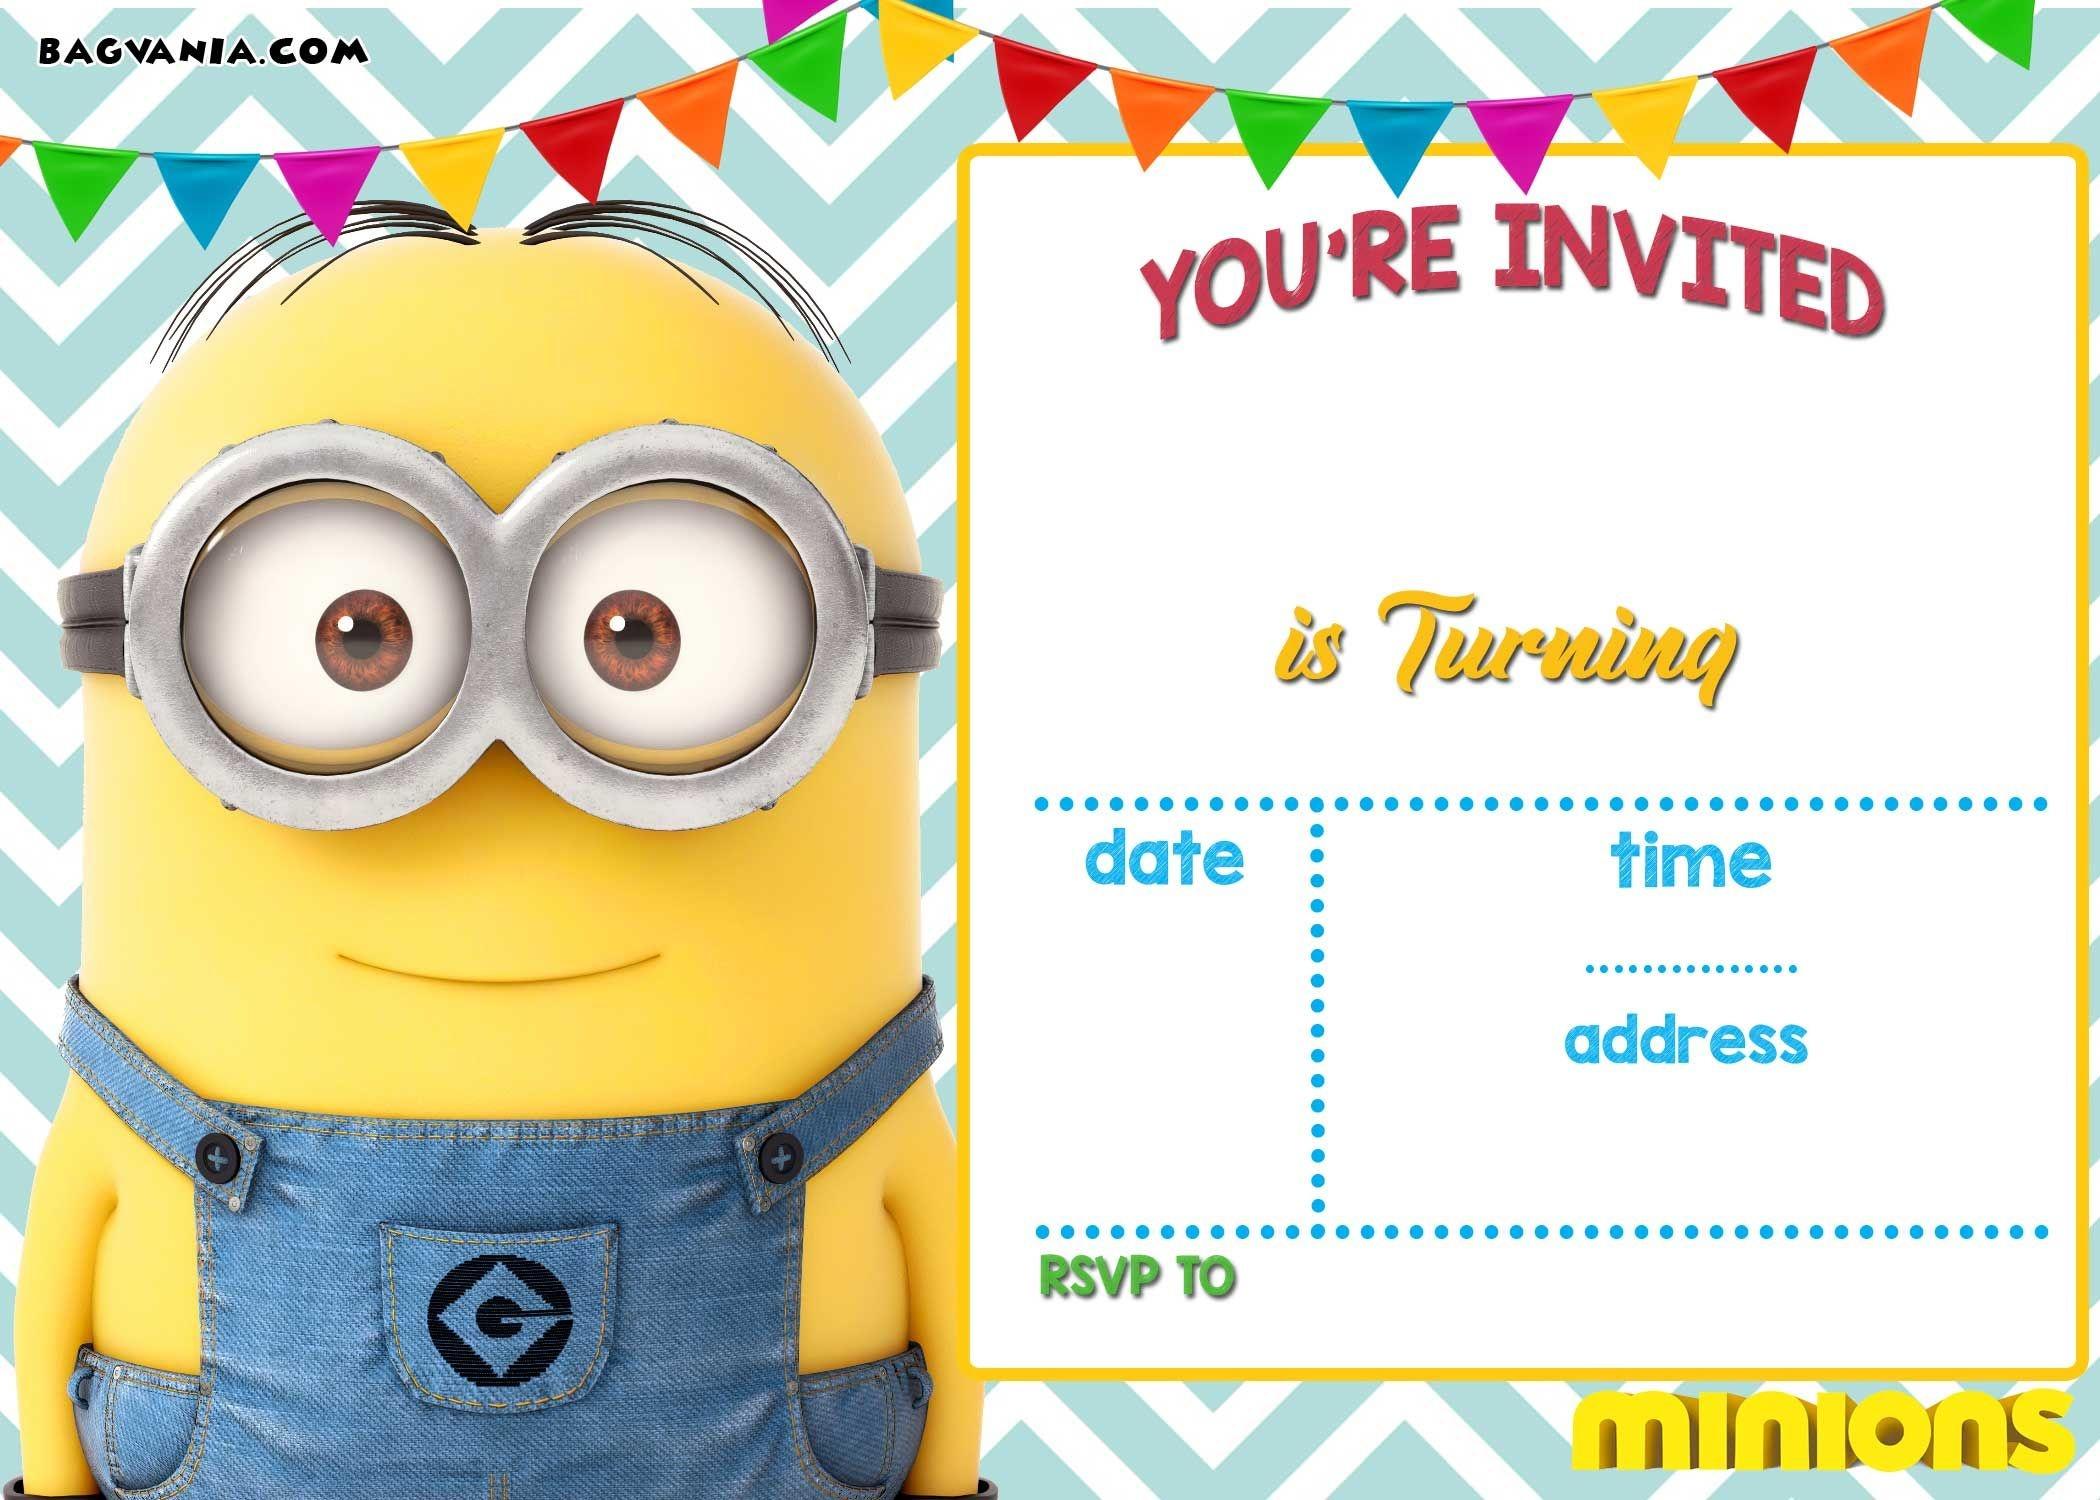 Download Now Free Printable Minion Birthday Invitation Templates - Printable Invitations Free No Download